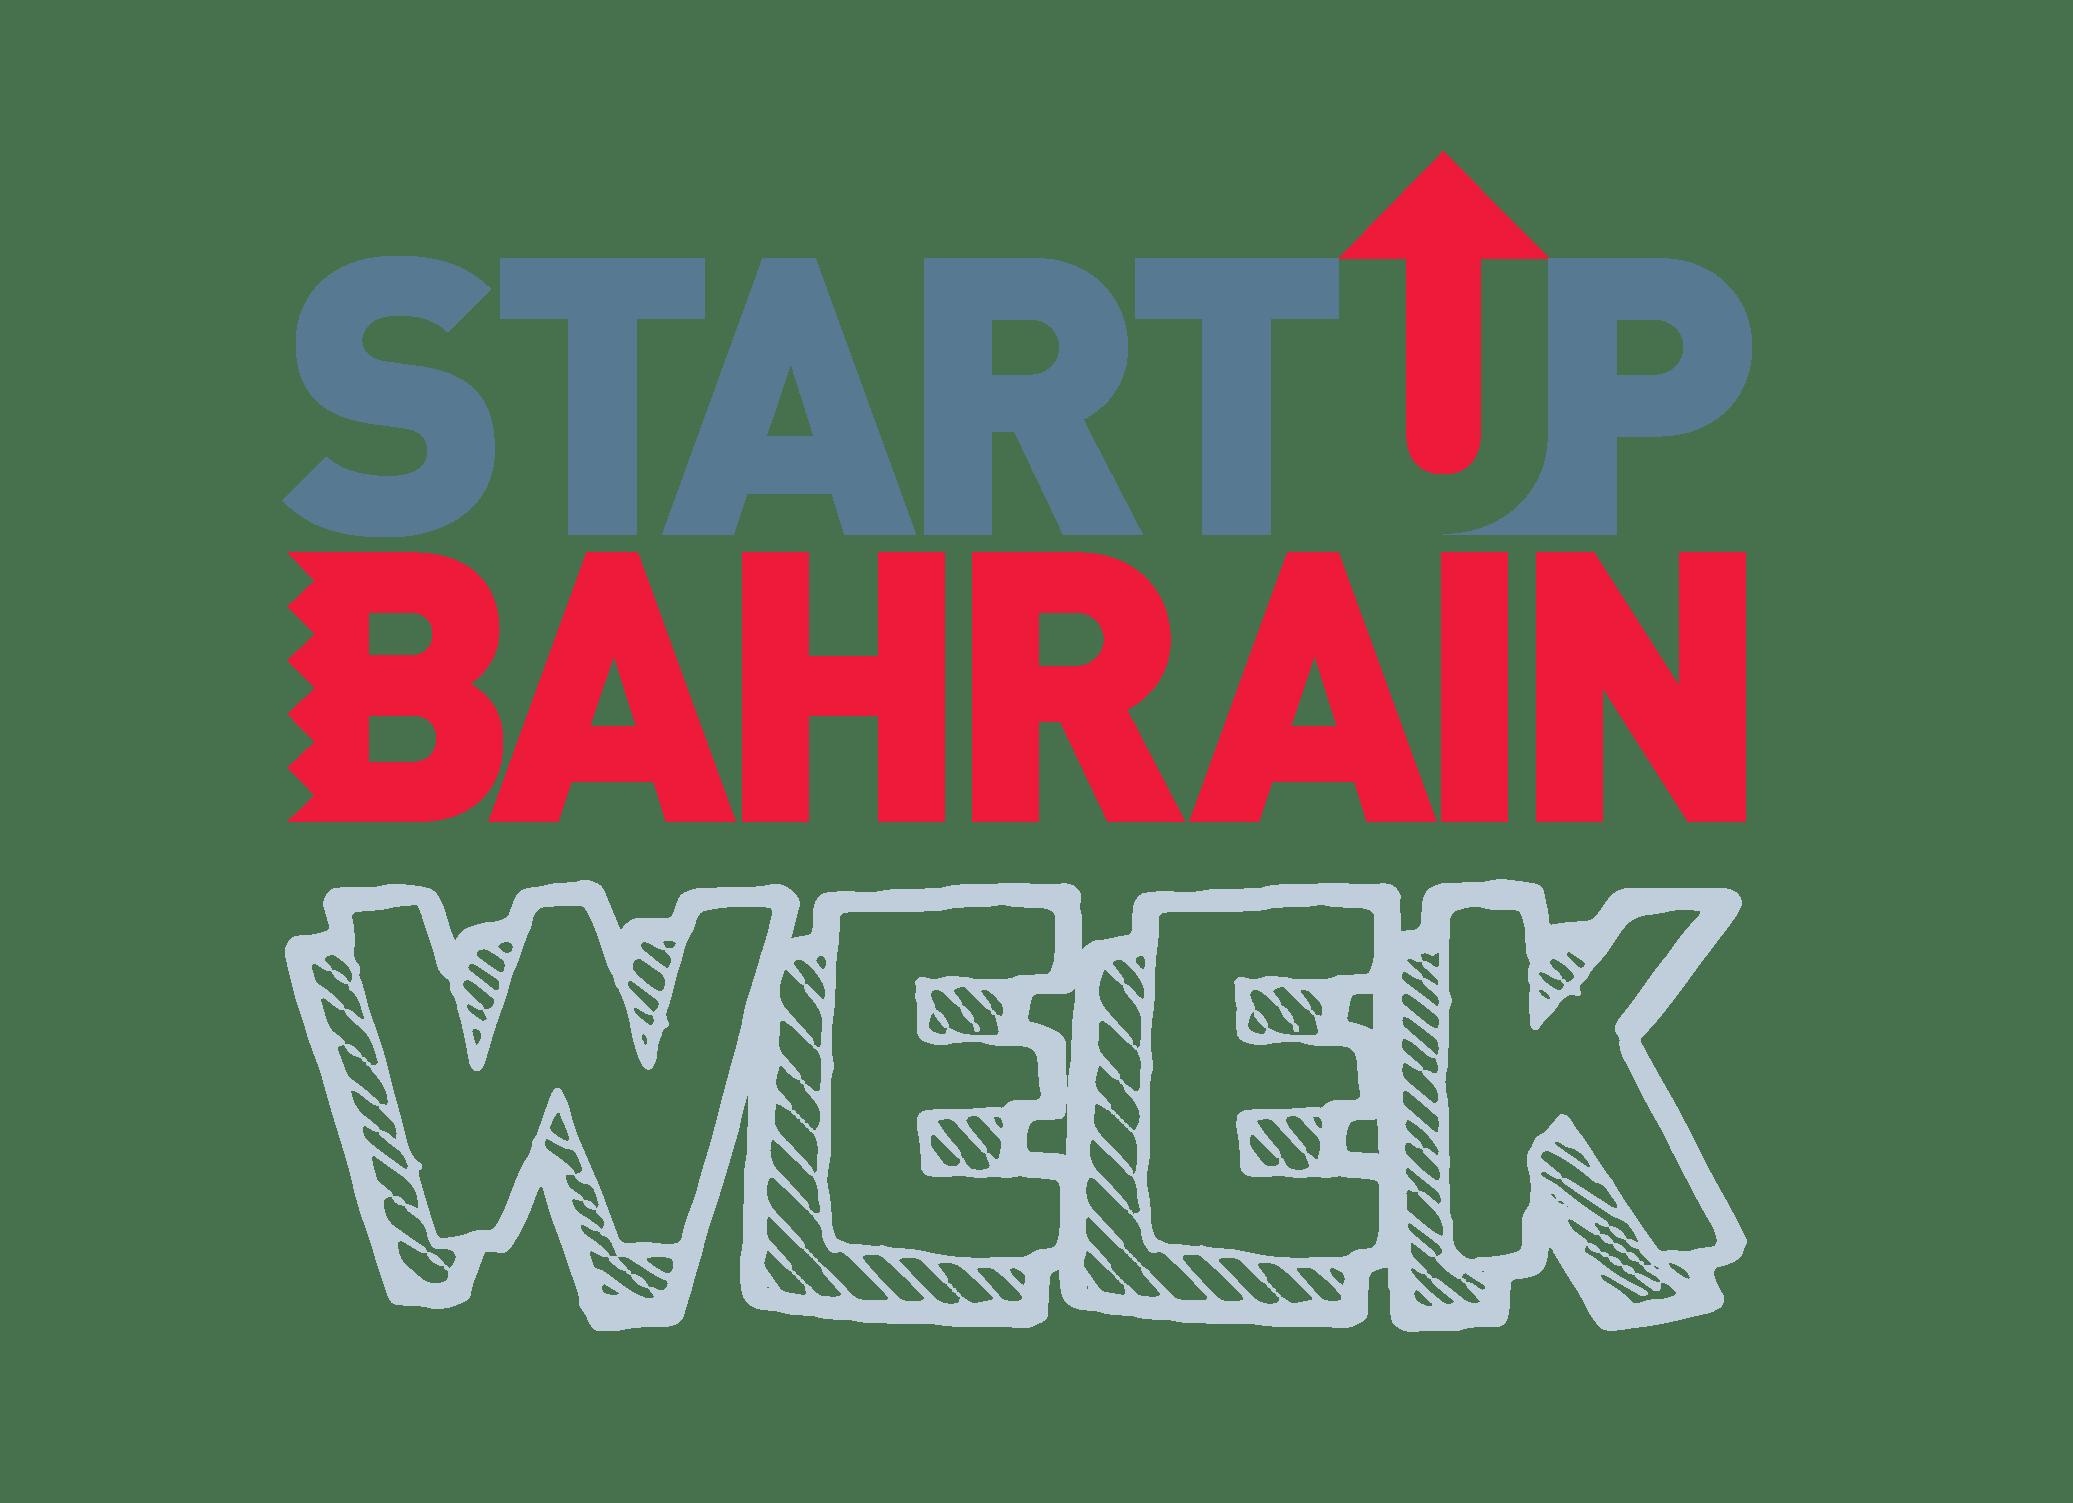 تقام فعاليات أسبوع البحرين للمشاريع الناشئة